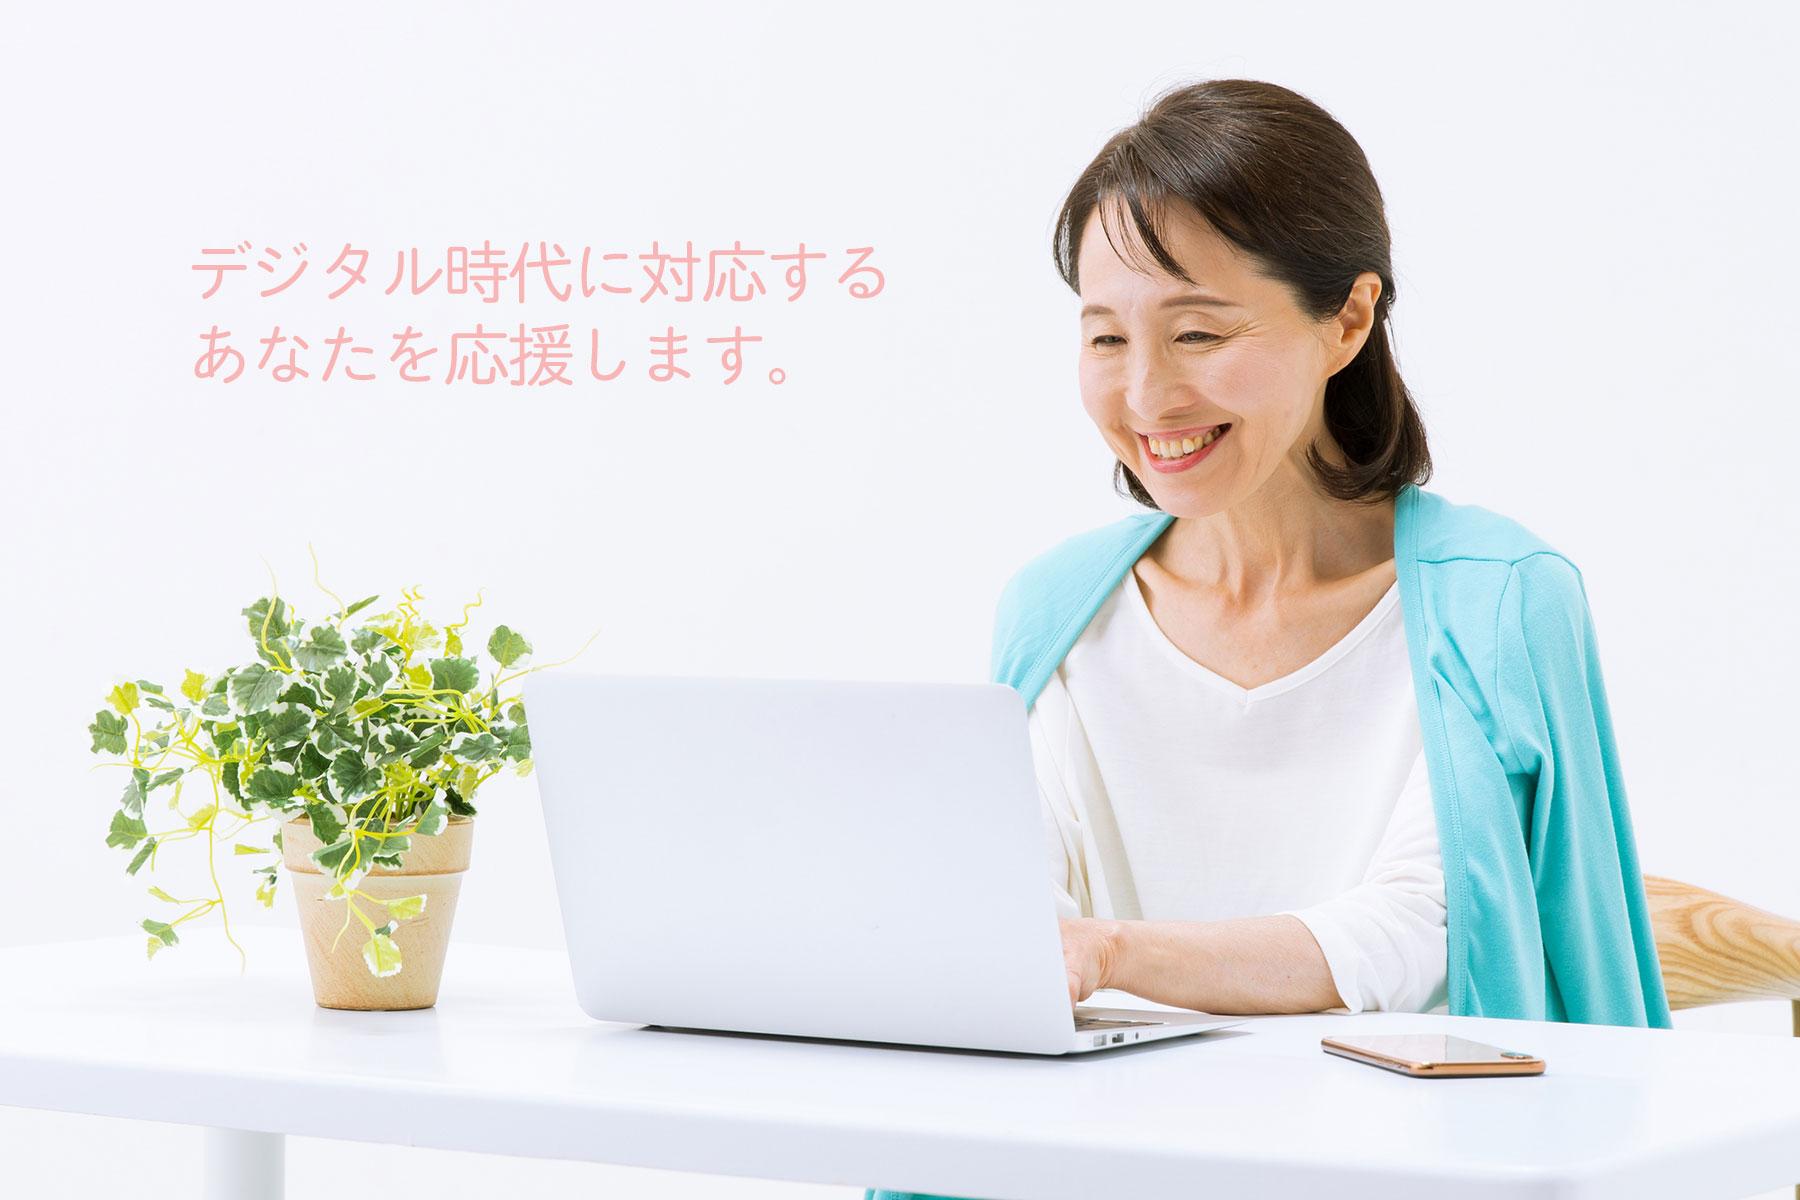 藤沢市 大和市 戸塚区 泉区 パソコンサポート ホームページ 制作